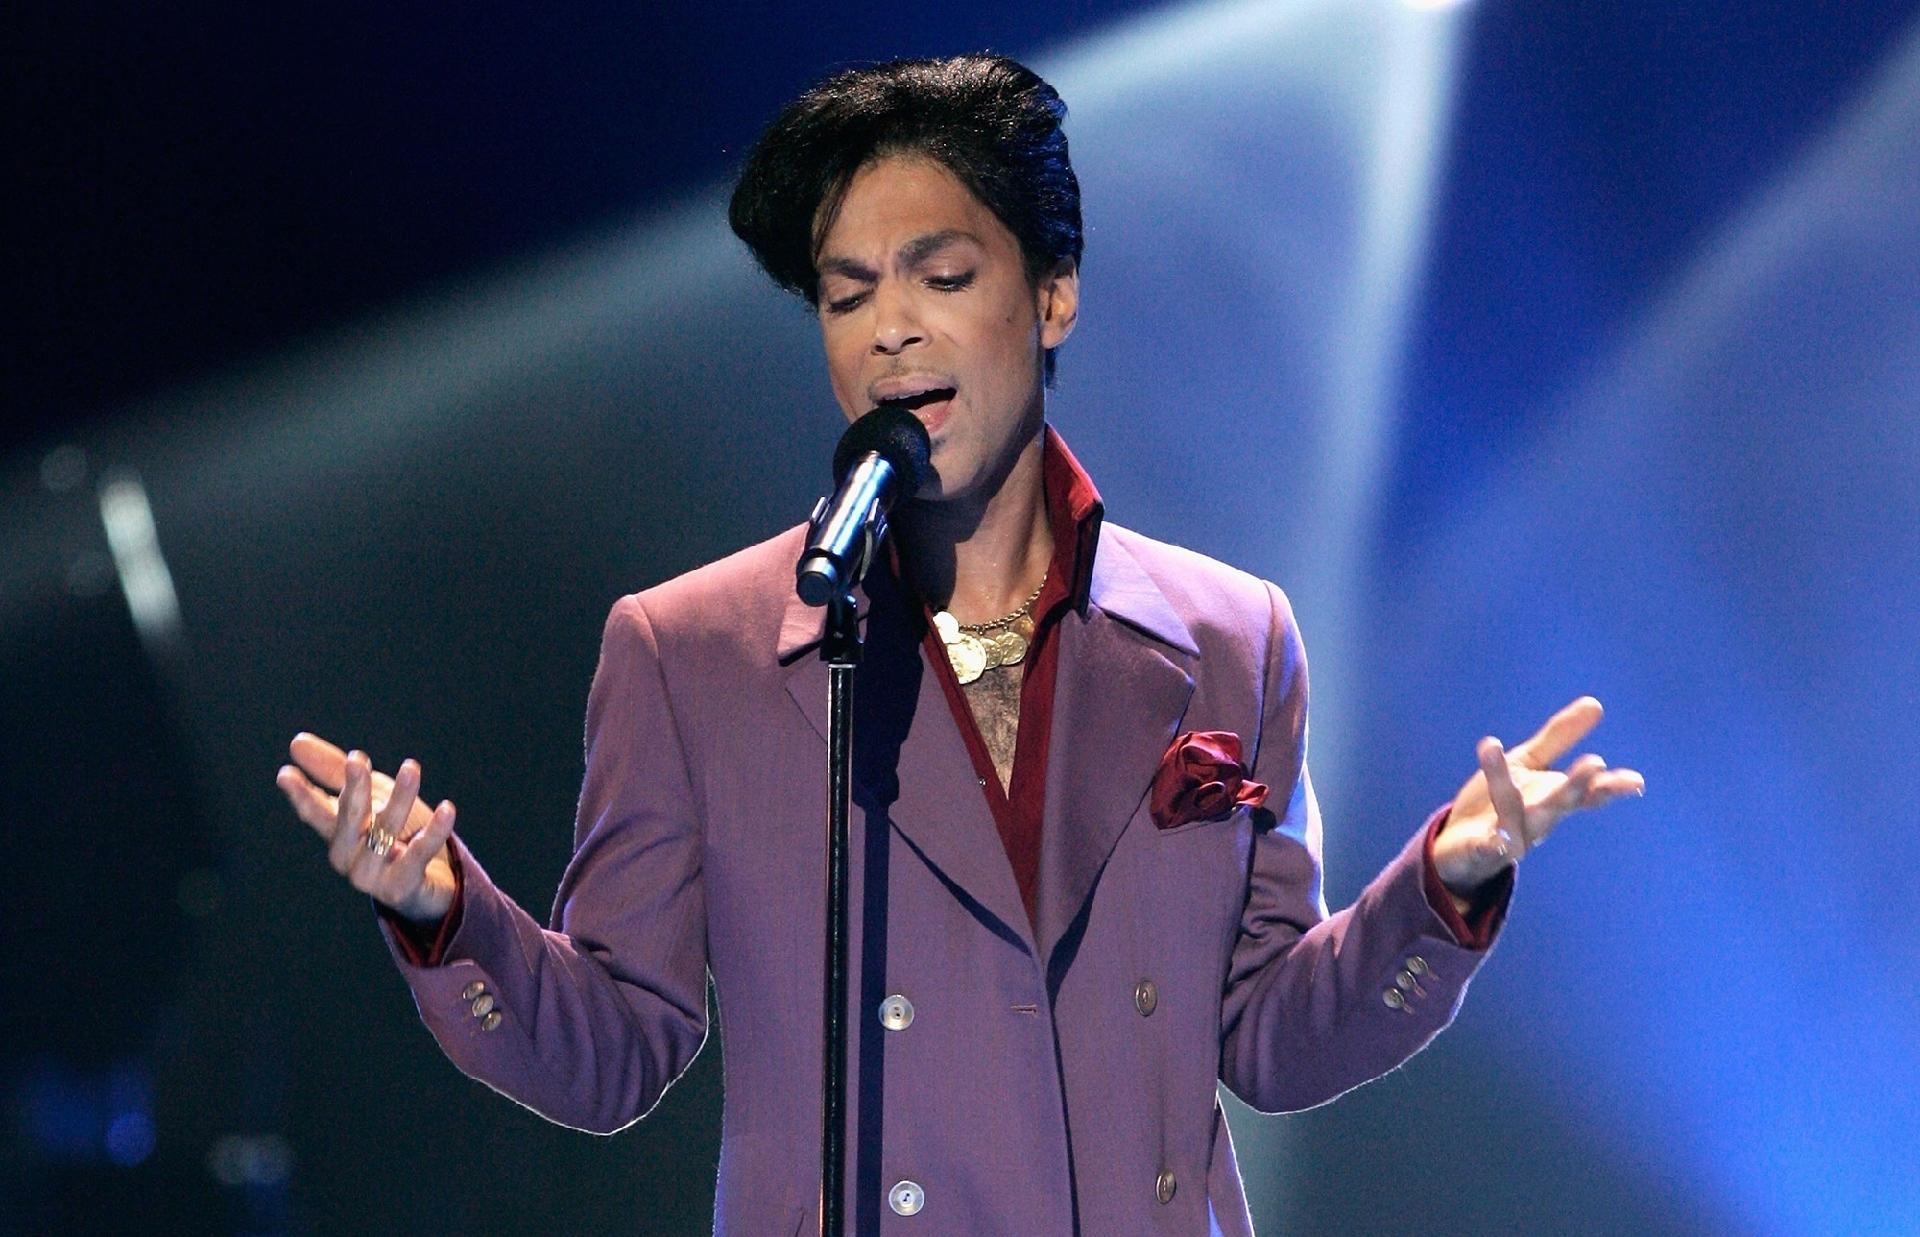 Inéditas de Prince serão lançadas em junho com curadoria de Jay-Z